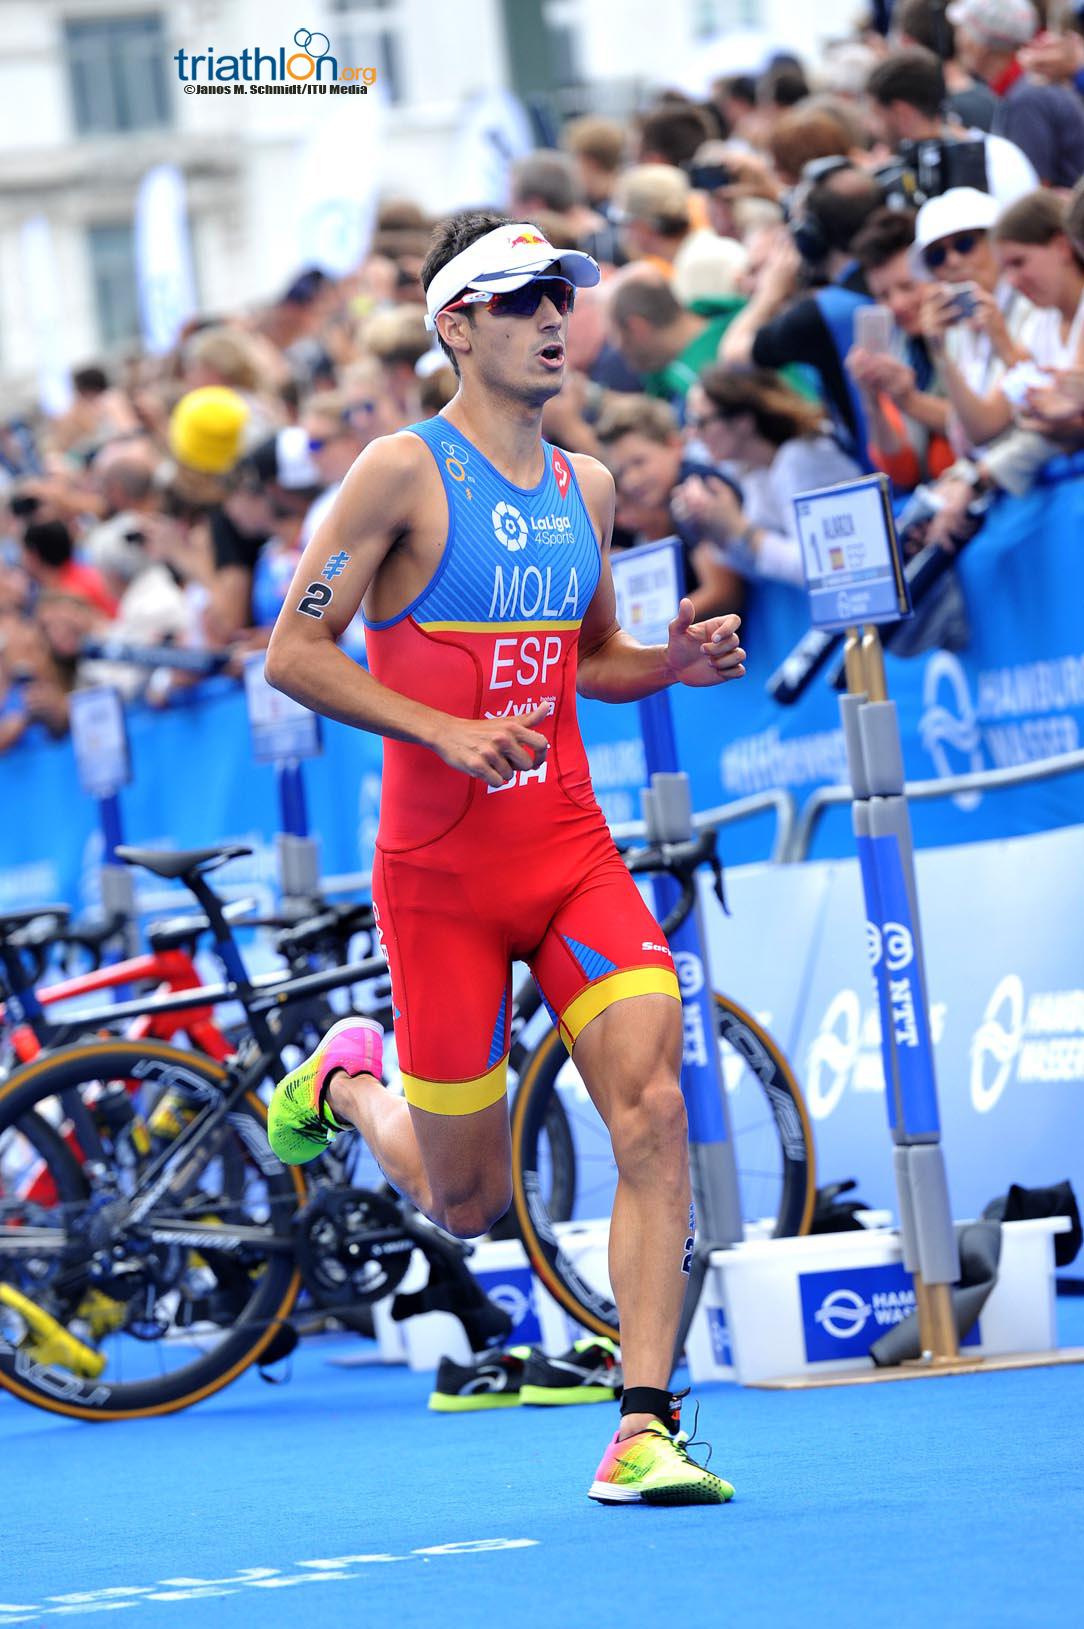 Mario Mola running in Hamburg